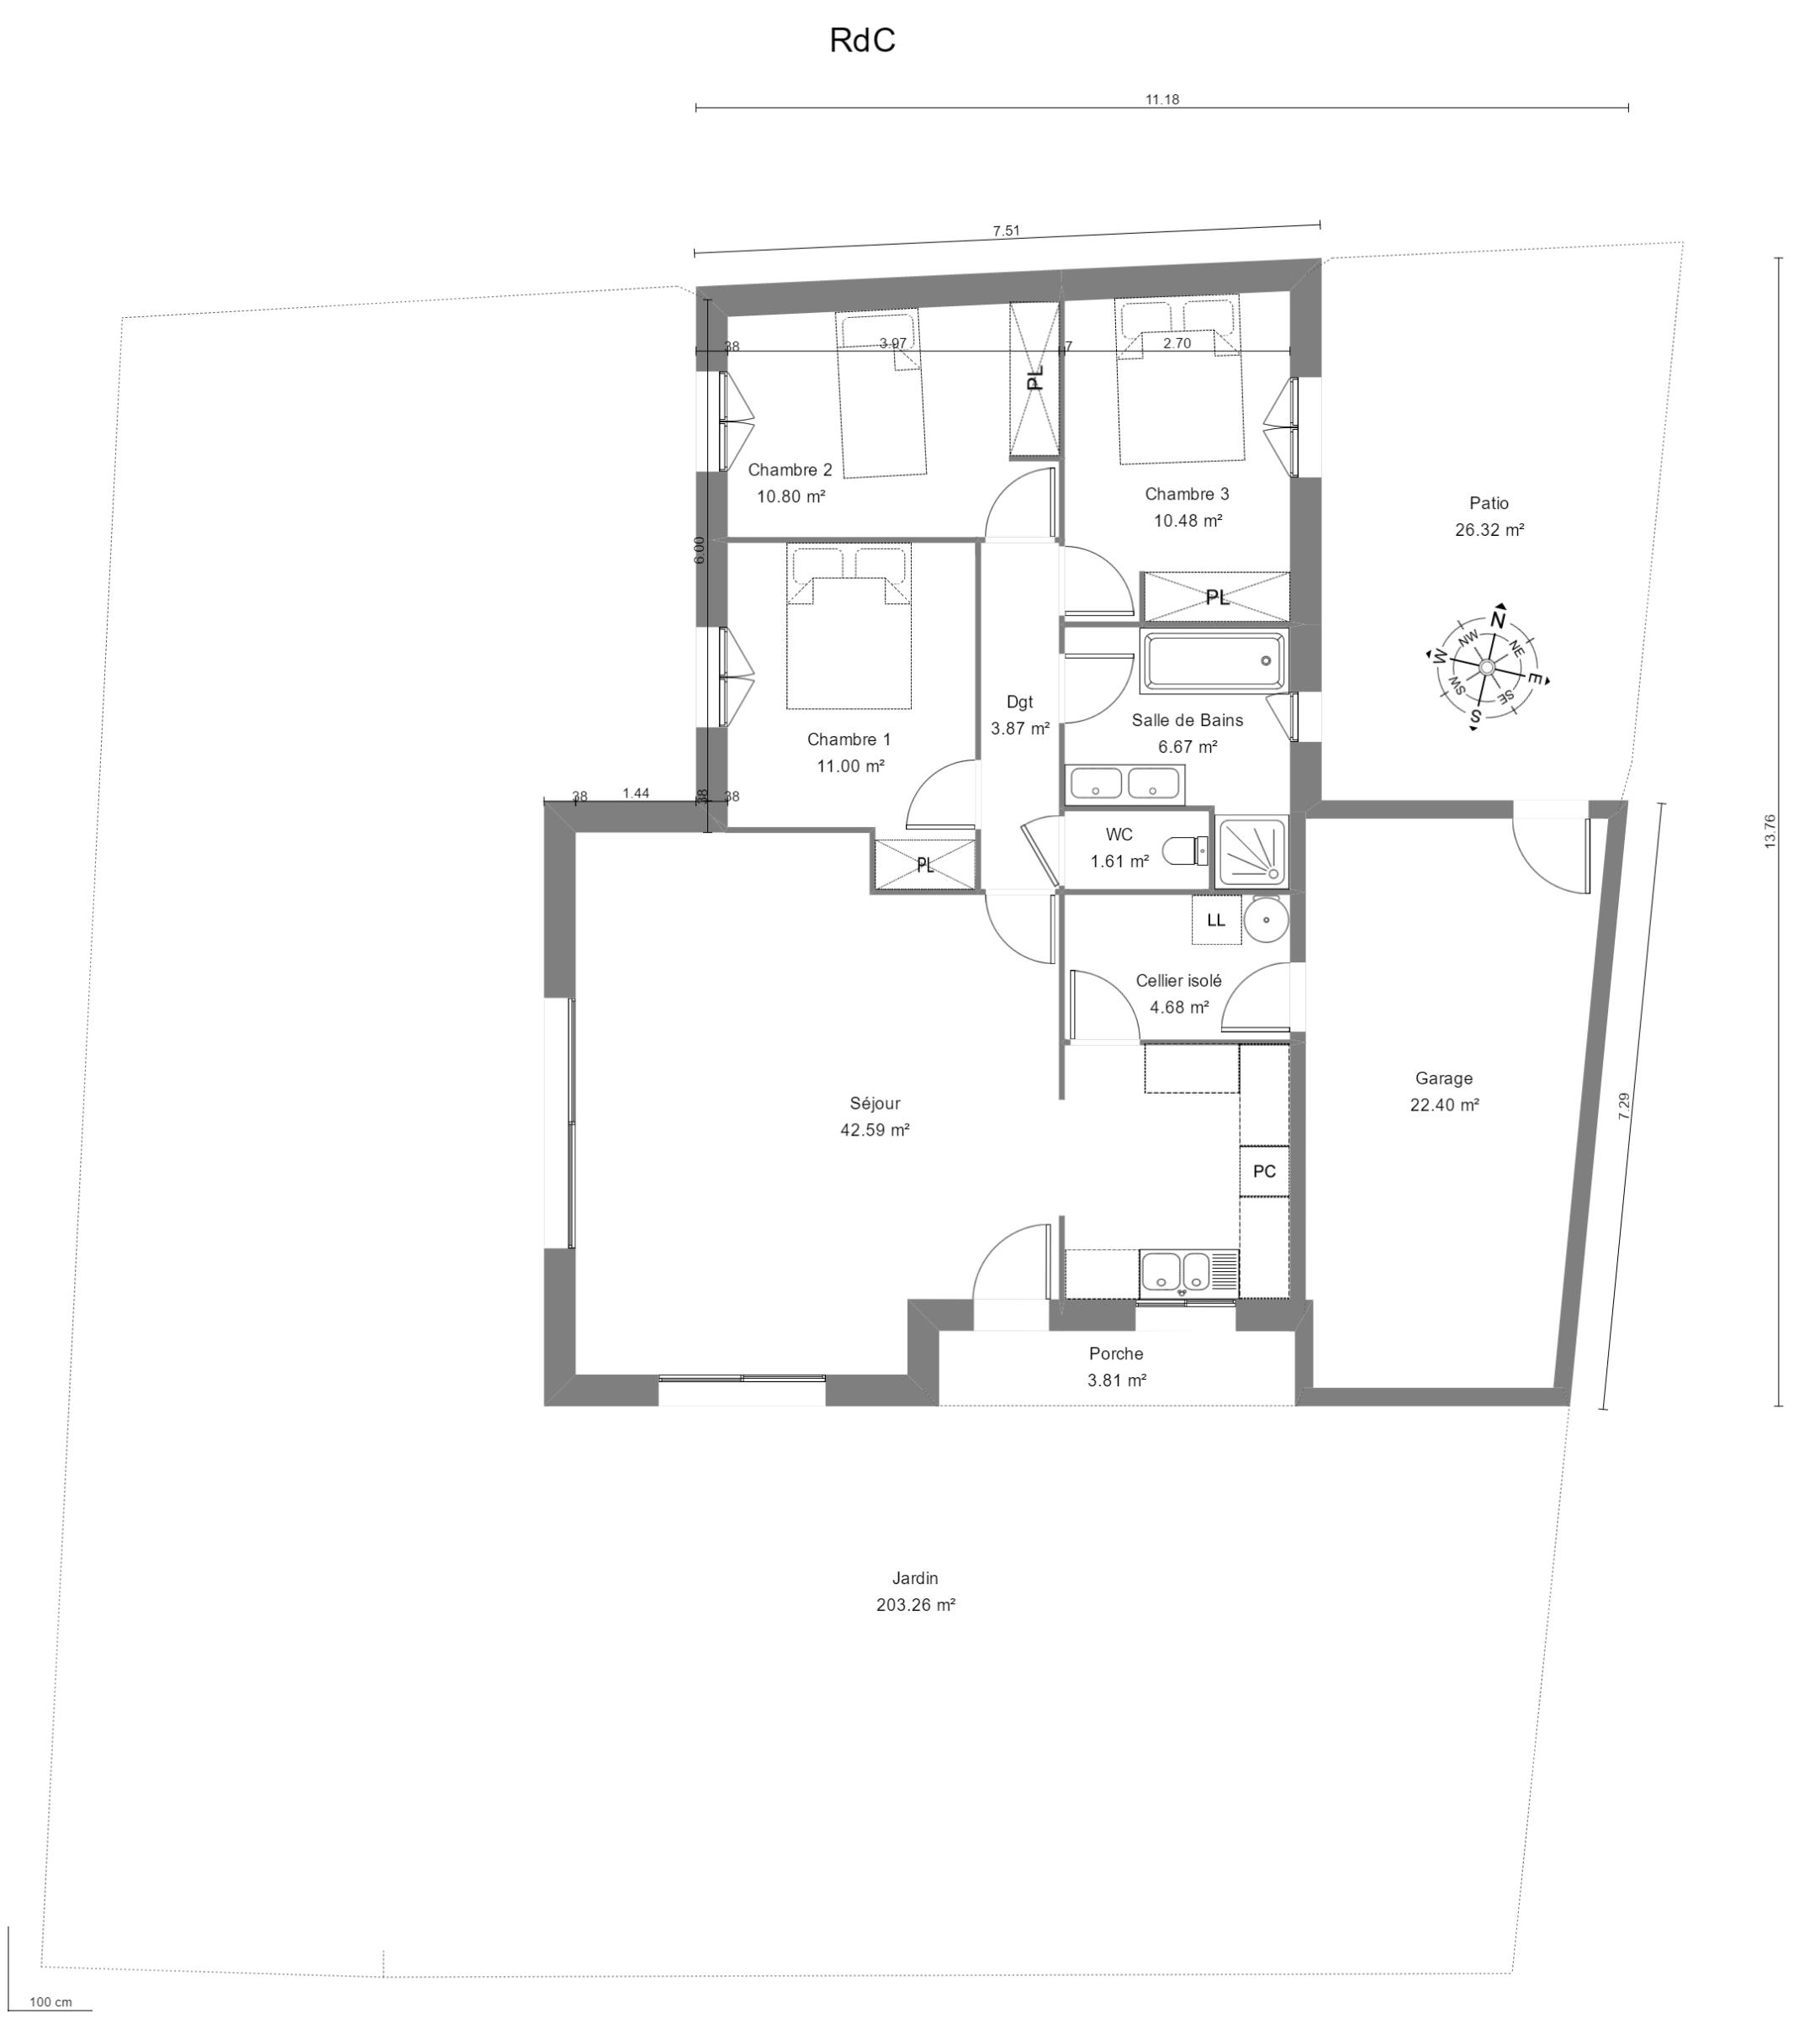 Maison 92m² + Terrain 350m² à La Chapelle-Basse-Mer - Emprise sur Terrain